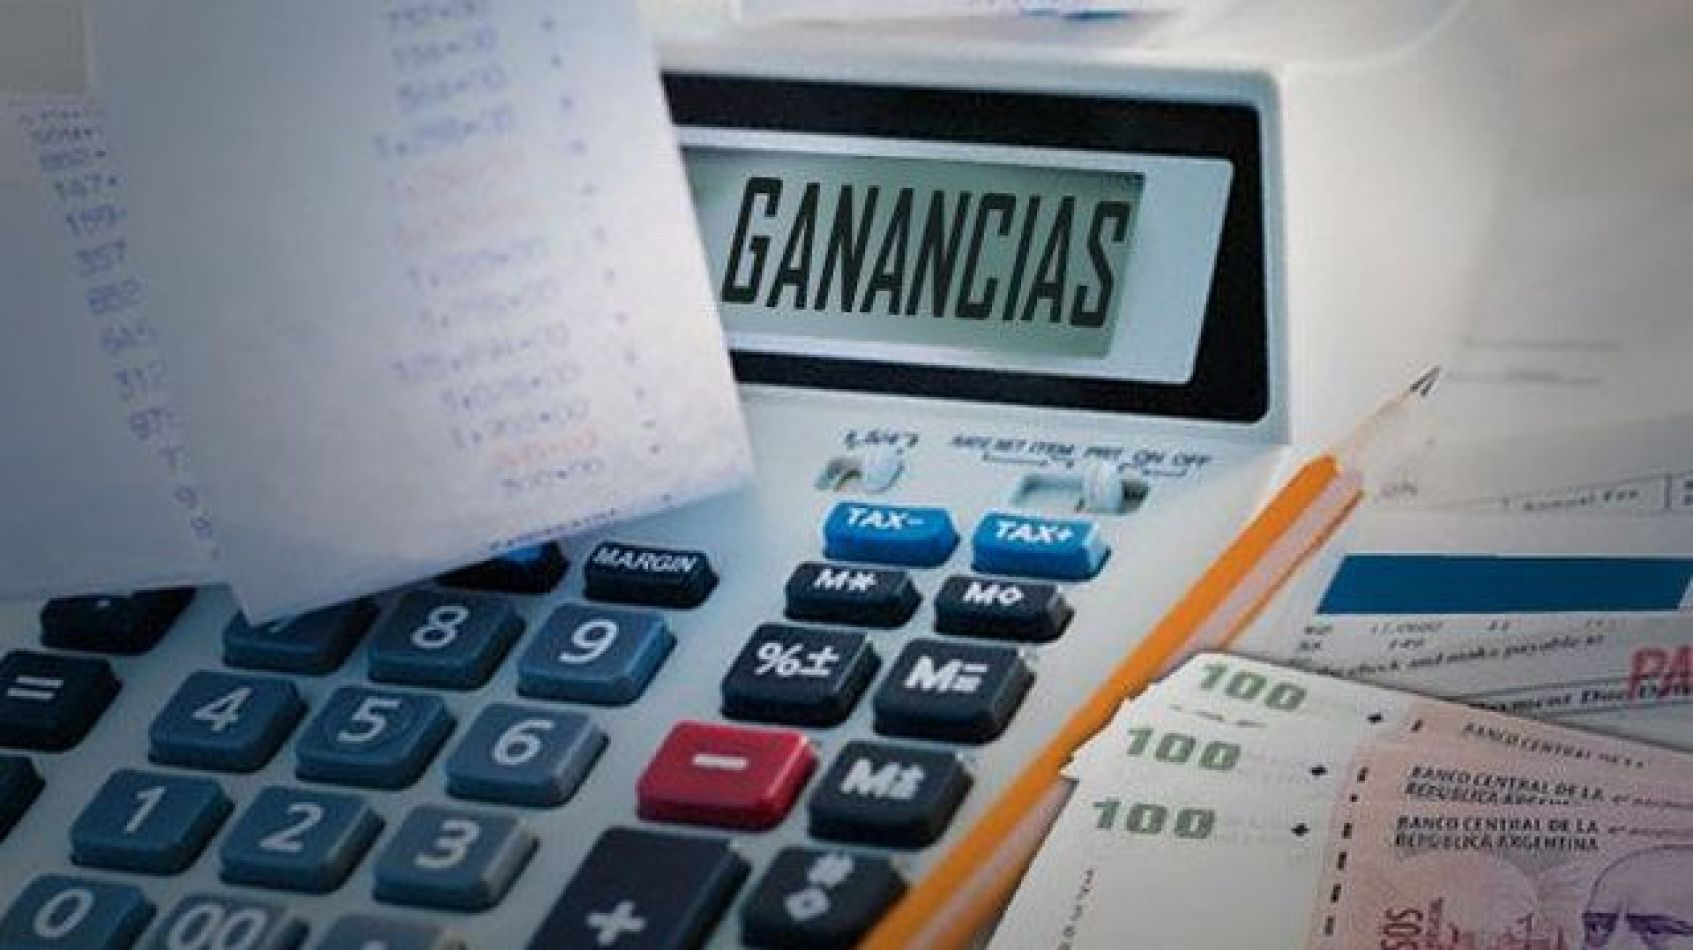 Cualquier persona podrá obtener la CUIT, gestionar la clave fiscal e inscribirse en el Monotributo o el régimen general en forma digital